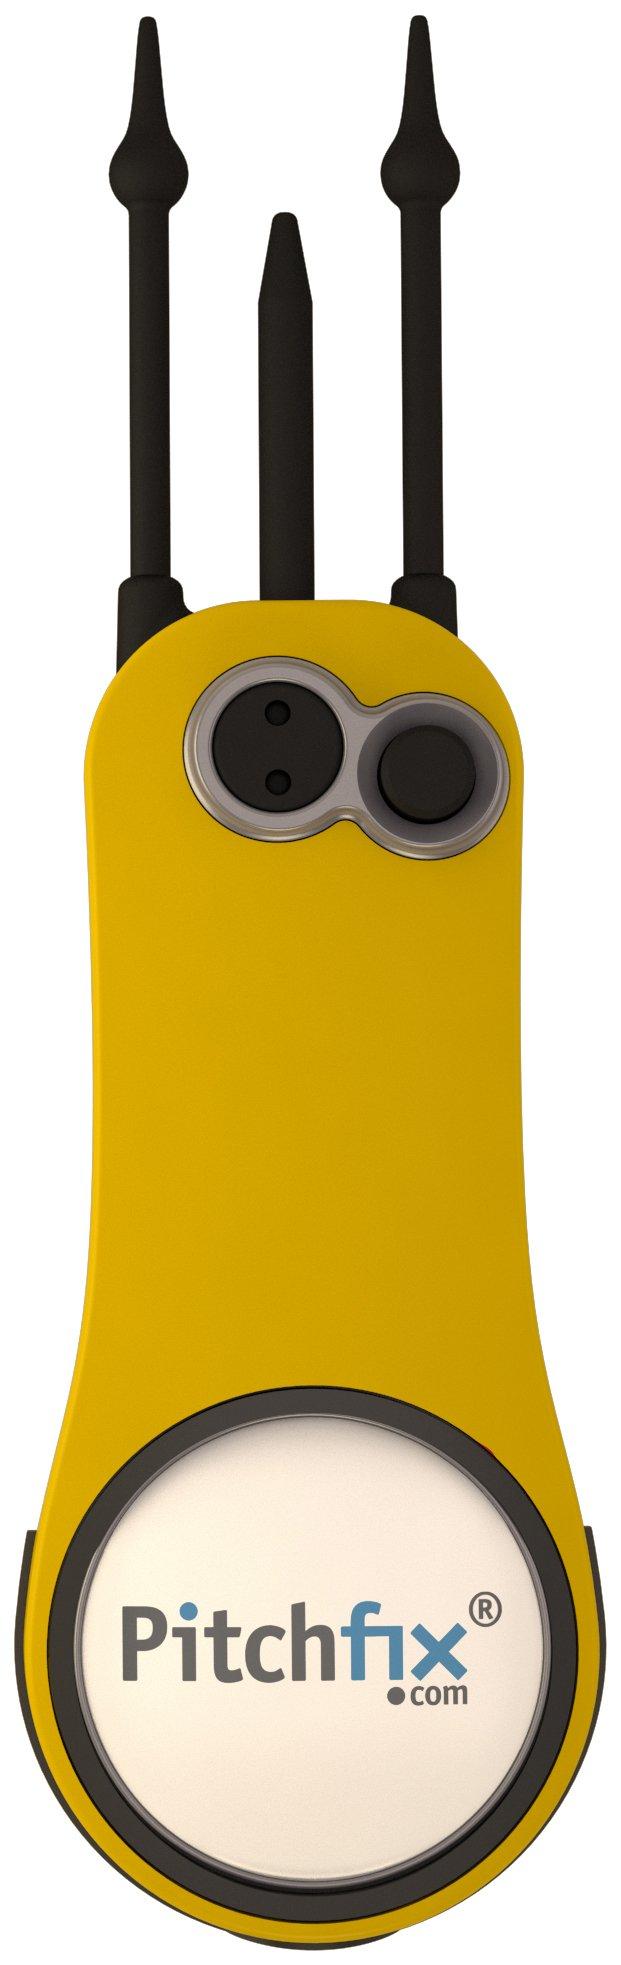 Pitchfix Fusion 2.5 Pin, Yellow/White by Pitchfix (Image #2)